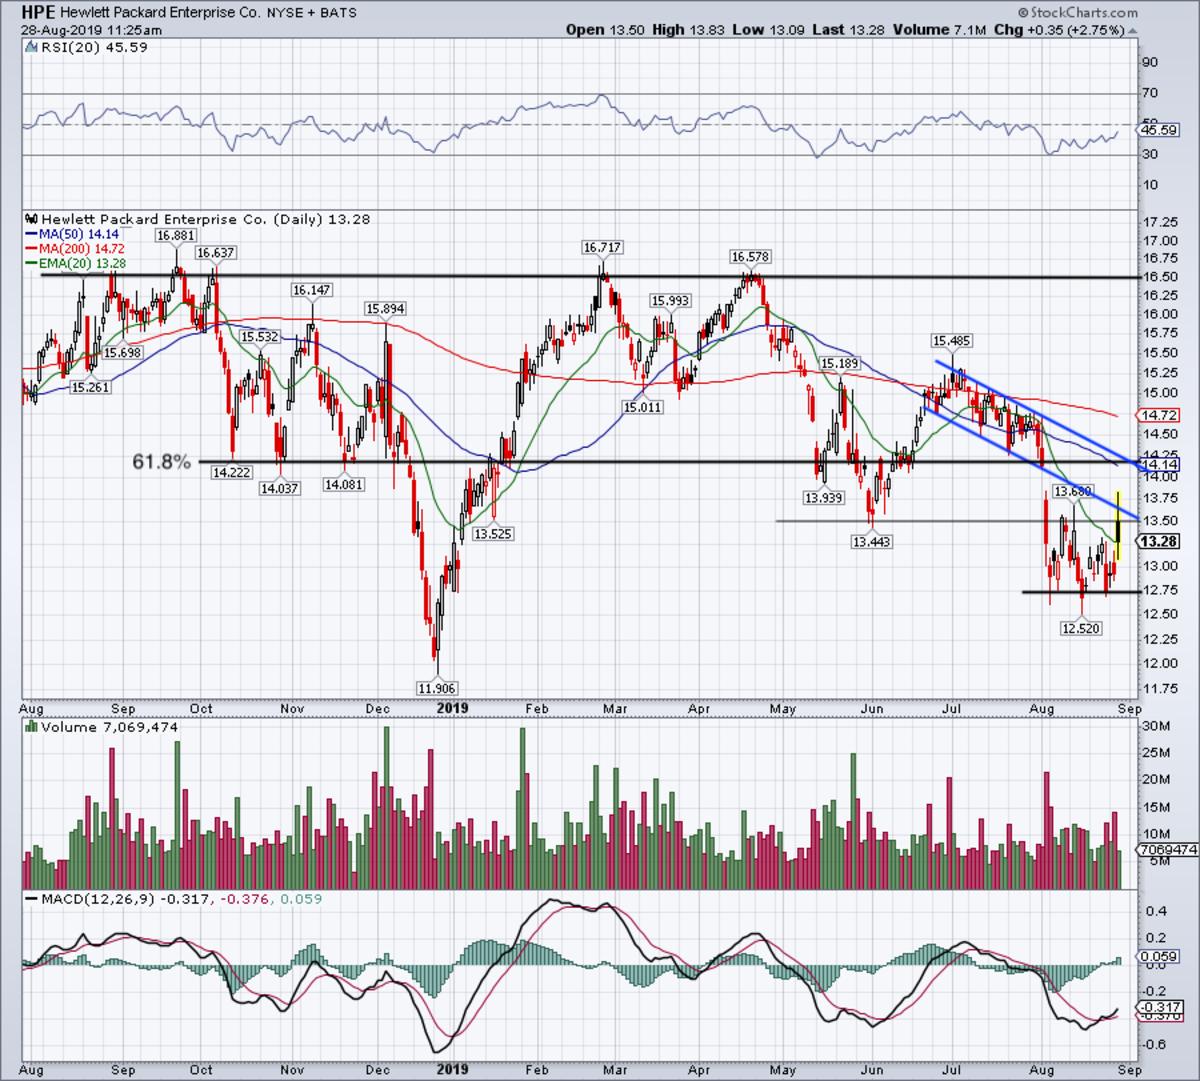 Daily chart of Hewlett Packard Enterprise stock.